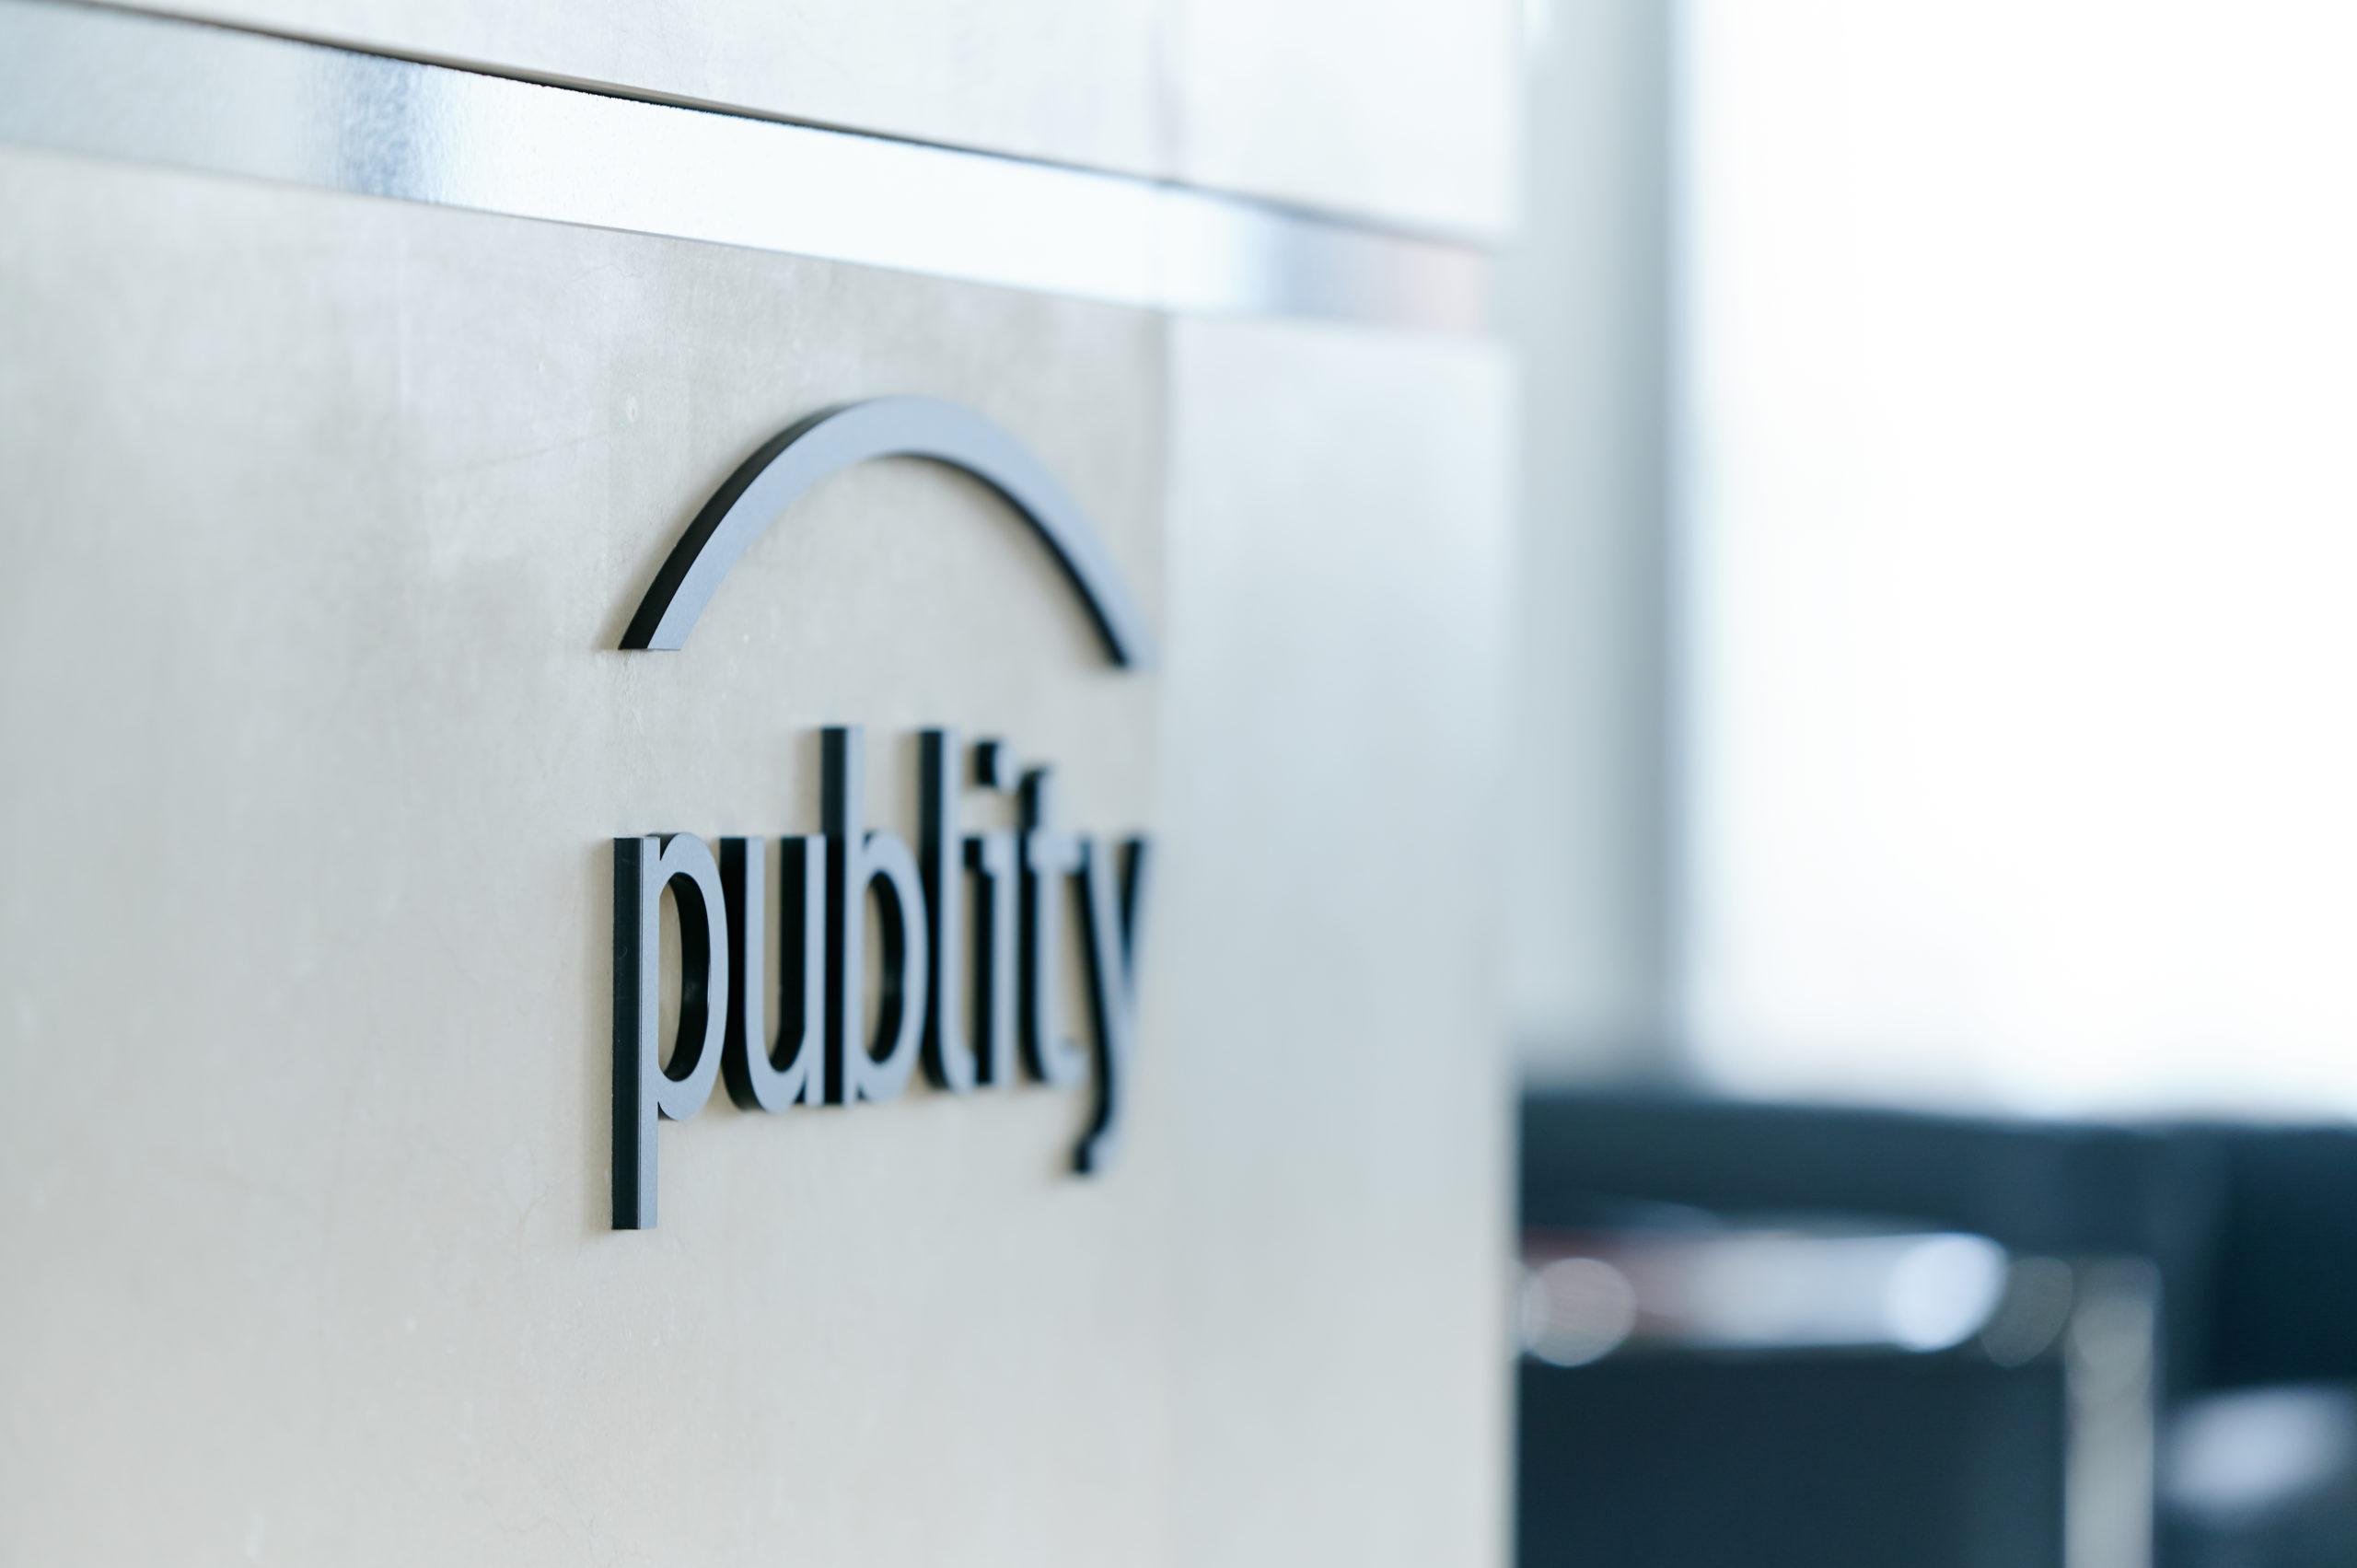 Publity AG Thomas Olek